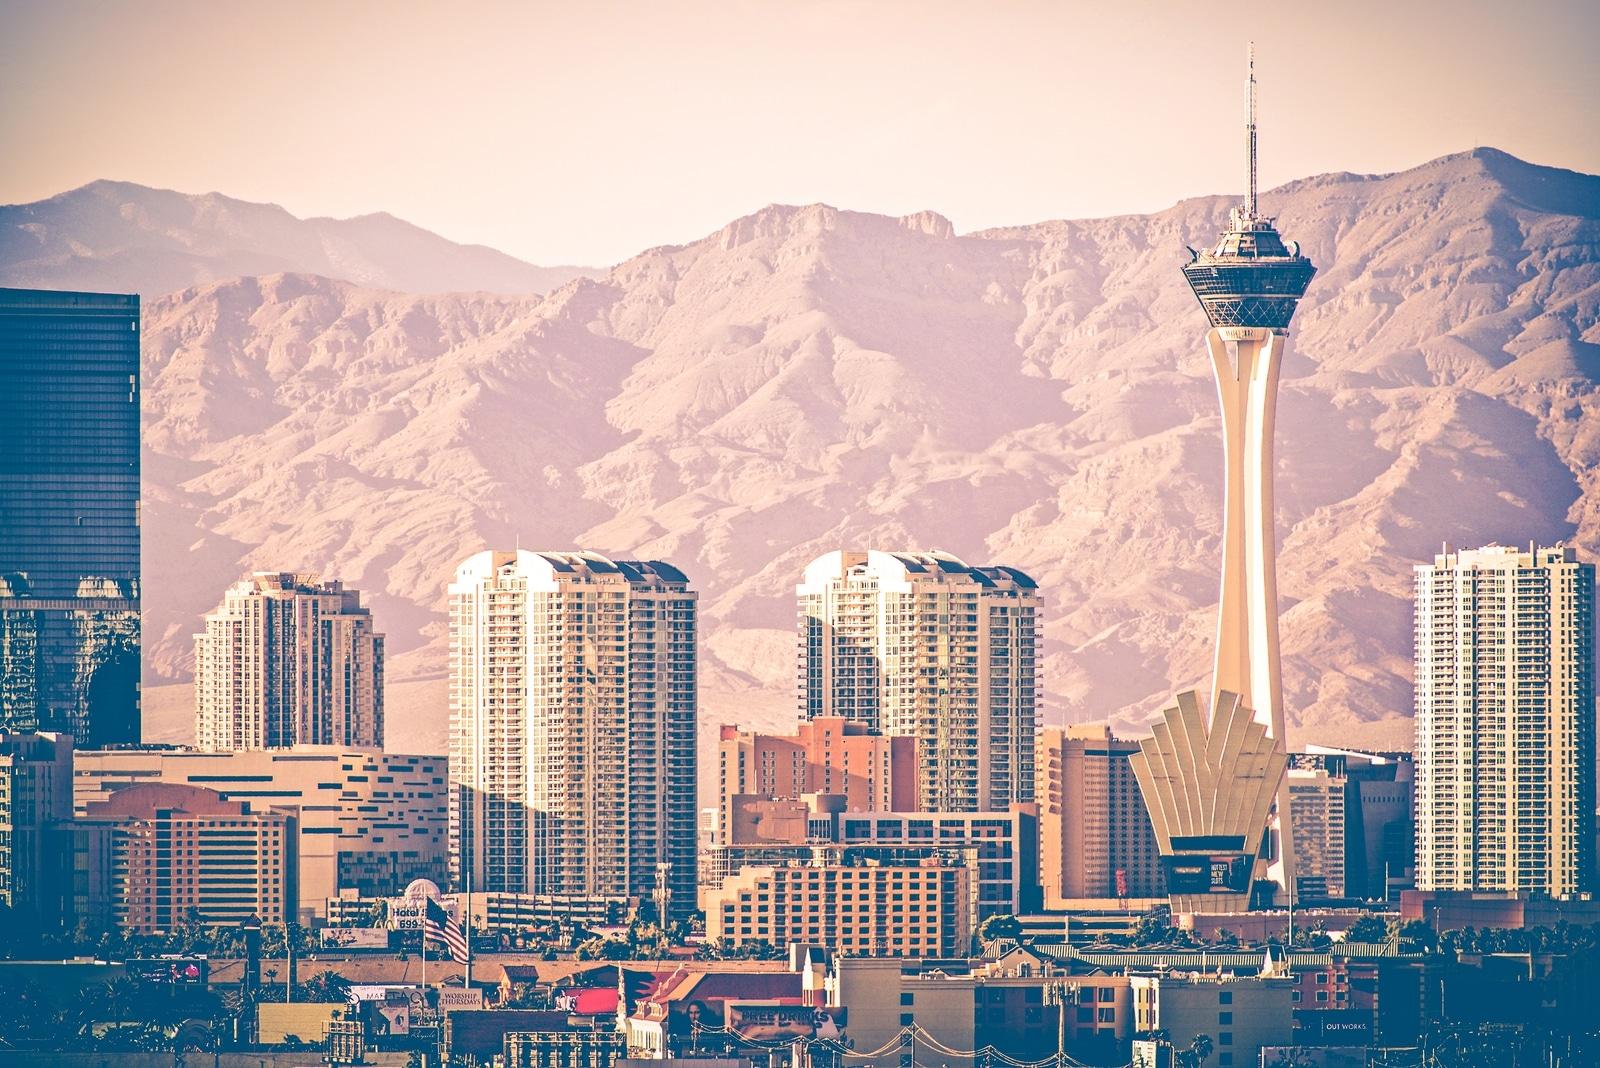 Excelentes sugerencias para disfrutar Las Vegas este verano